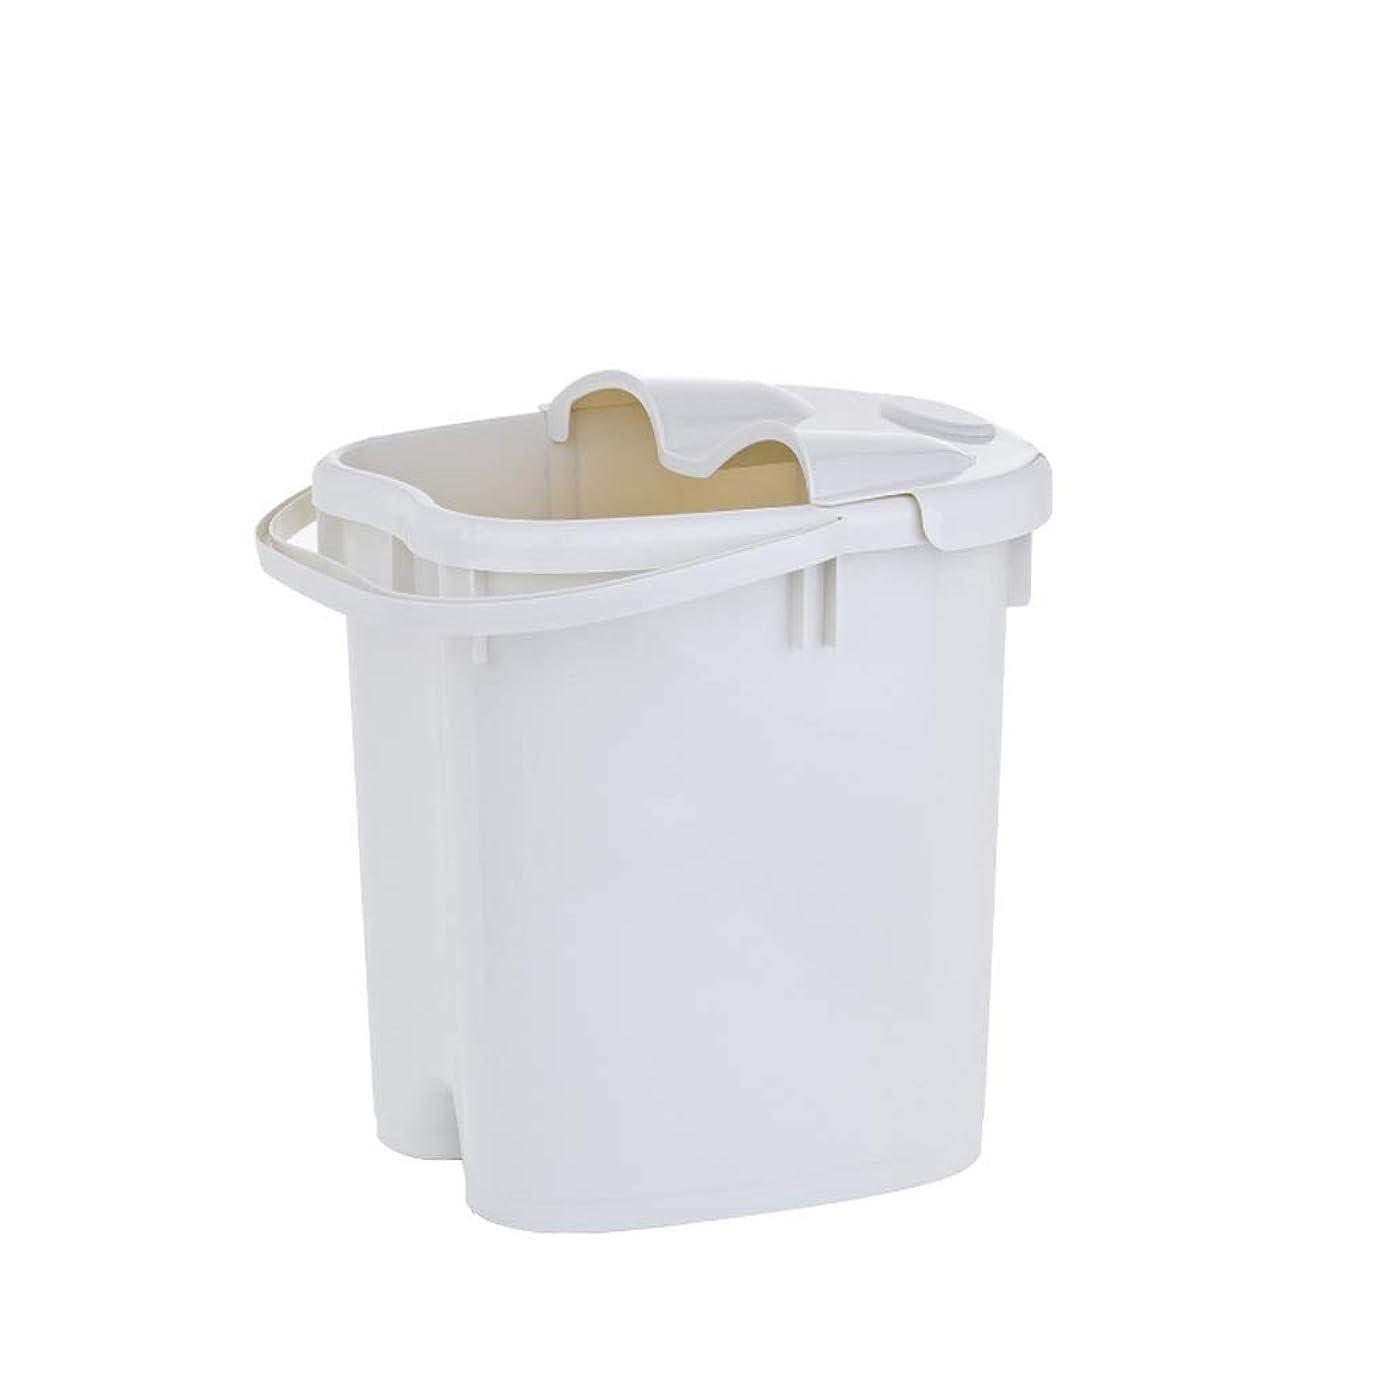 ばかげた経由でチケットフットバスバレル- ?AMT携帯用高まりのマッサージの浴槽のふたの熱保存のフィートの洗面器の世帯が付いている大人のフットバスのバケツ Relax foot (色 : 白, サイズ さいず : 39cm high)